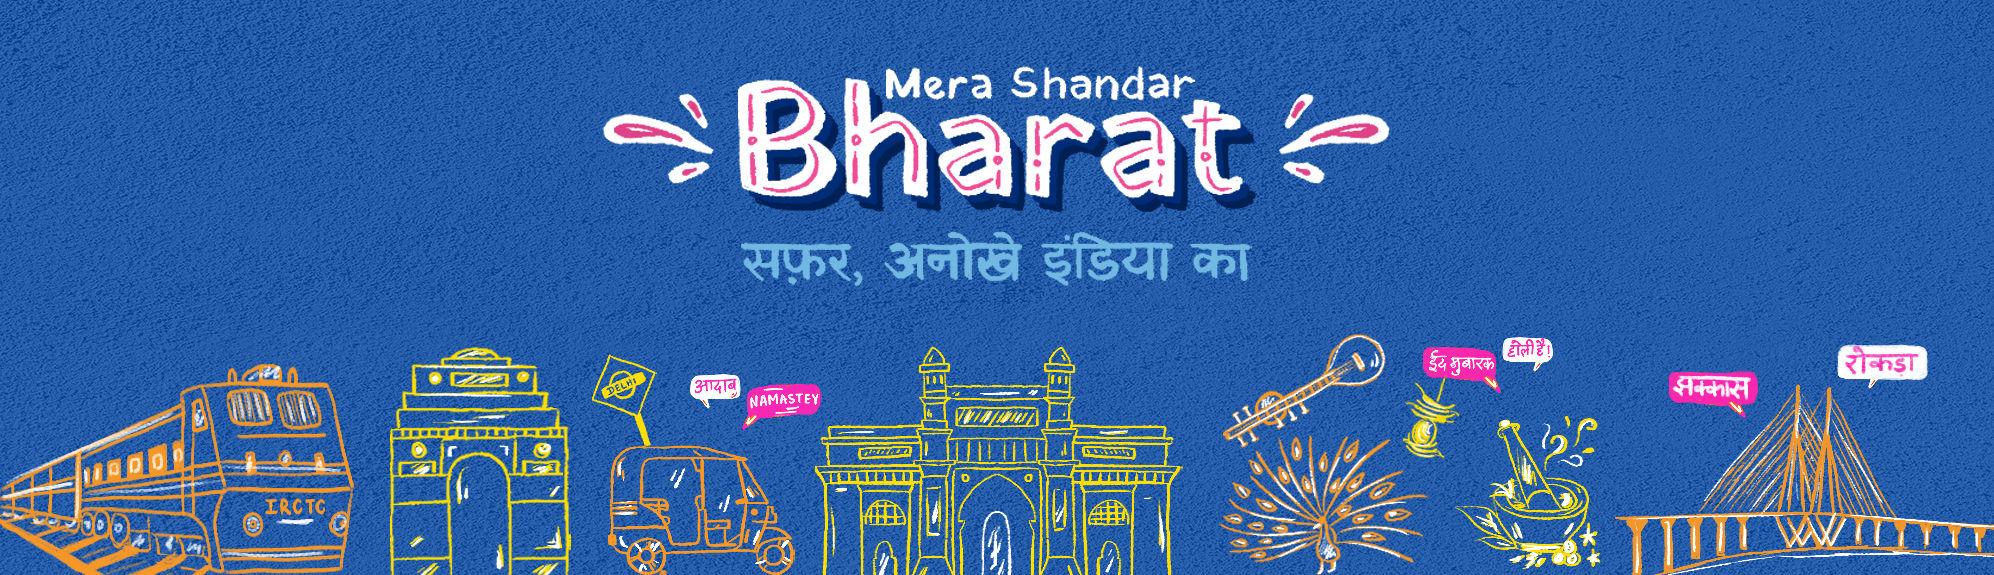 Cover of Mera Shandar Bharat